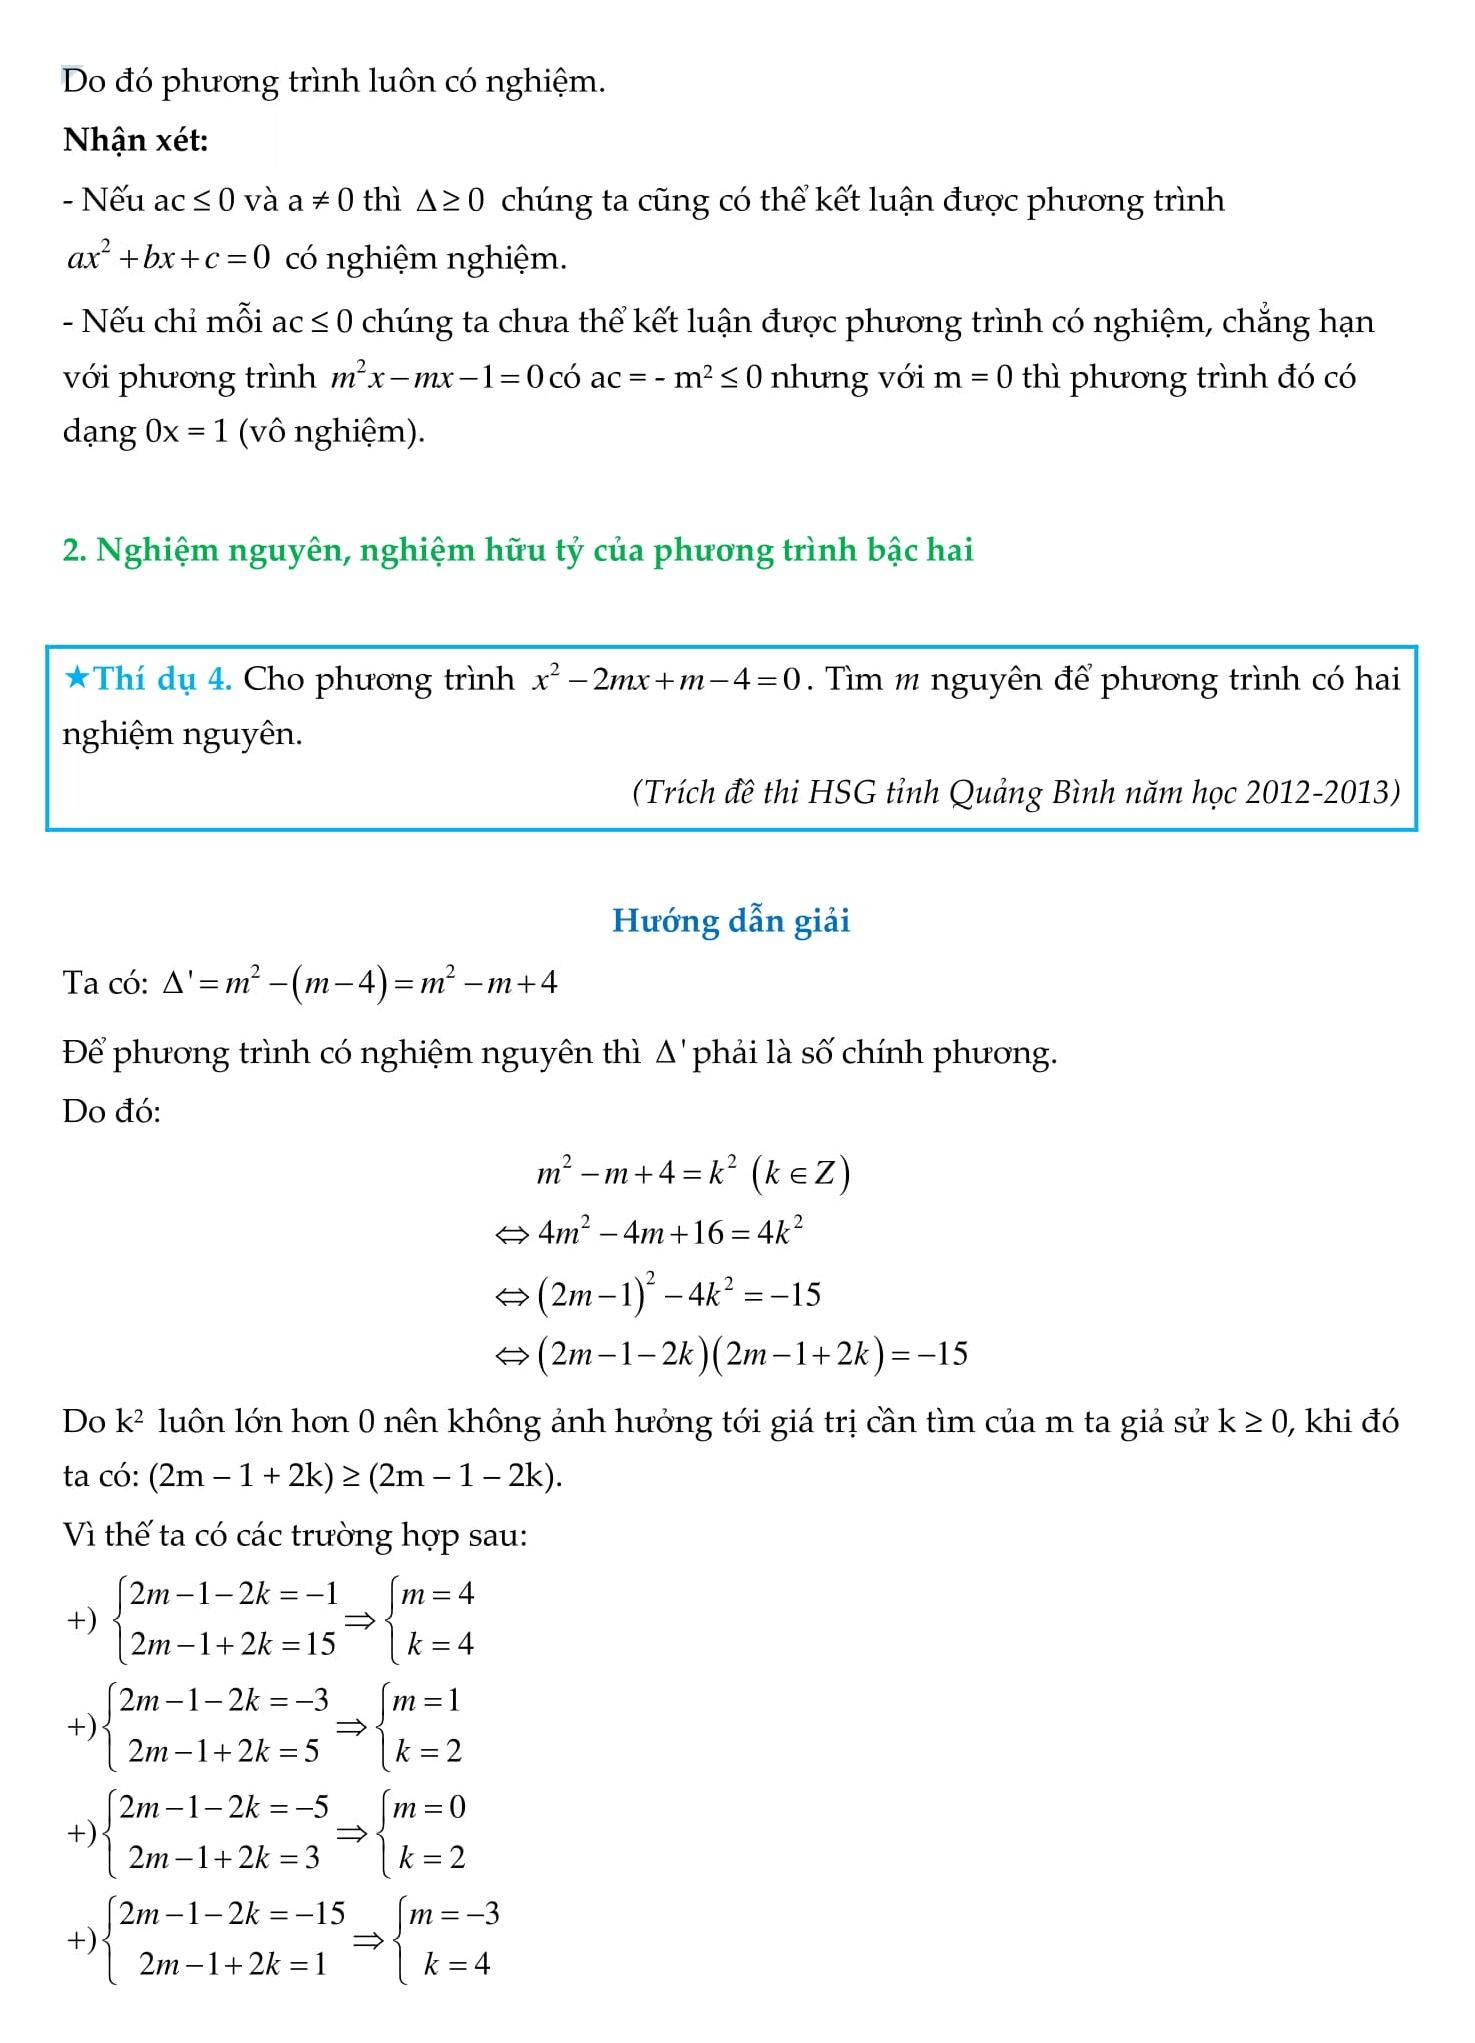 Chuyên đề Phương trình bậc hai - Toán 9